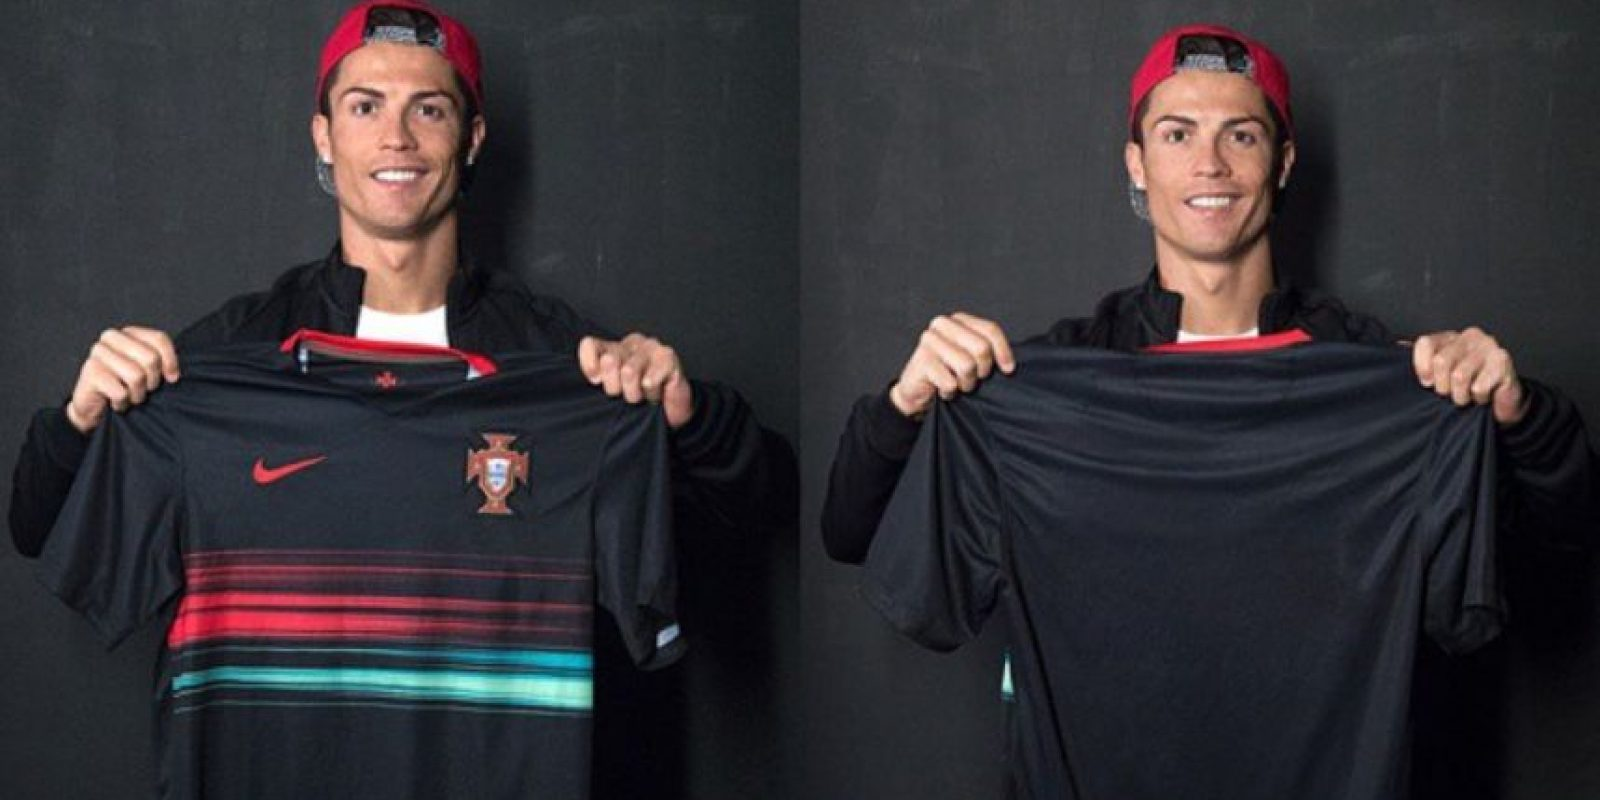 El futbolista del Real Madrid también usó las redes sociales para presentar el nuevo uniforme de Portugal. Foto:Instagram @Cristiano